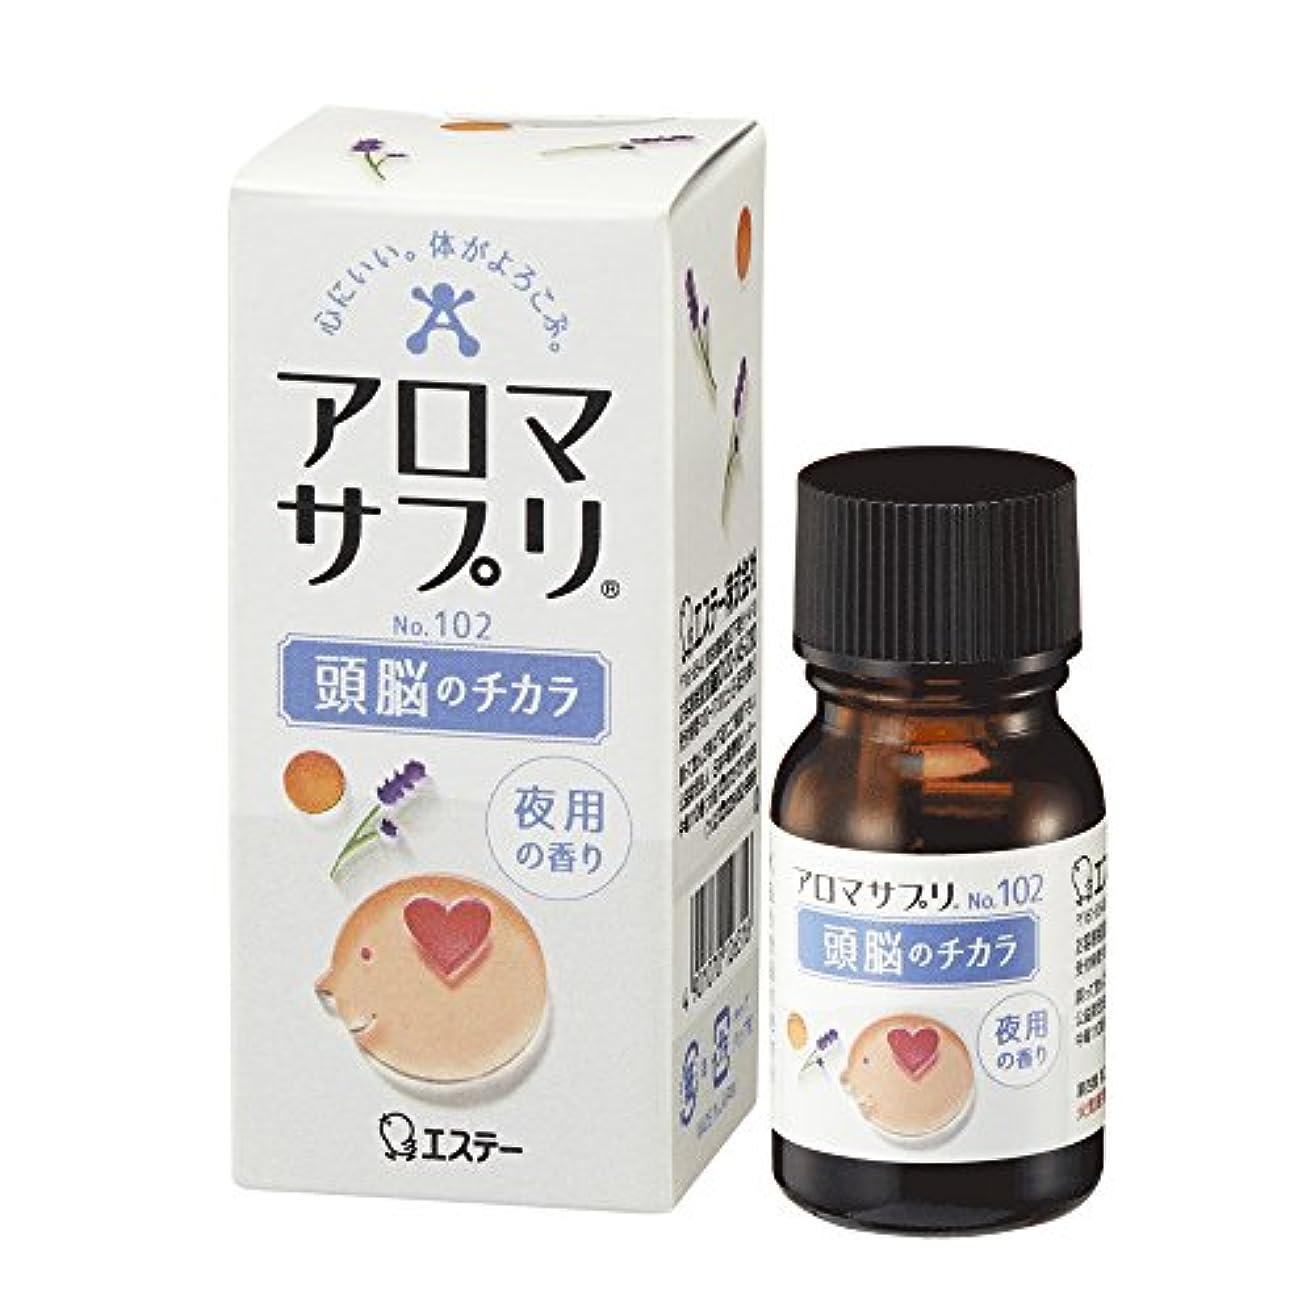 三角形アパートのヒープアロマサプリ 100%天然ブレンドアロマ 頭脳のチカラ 夜用の香り 真正ラベンダー&スイートオレンジ 10ml (約60回分)